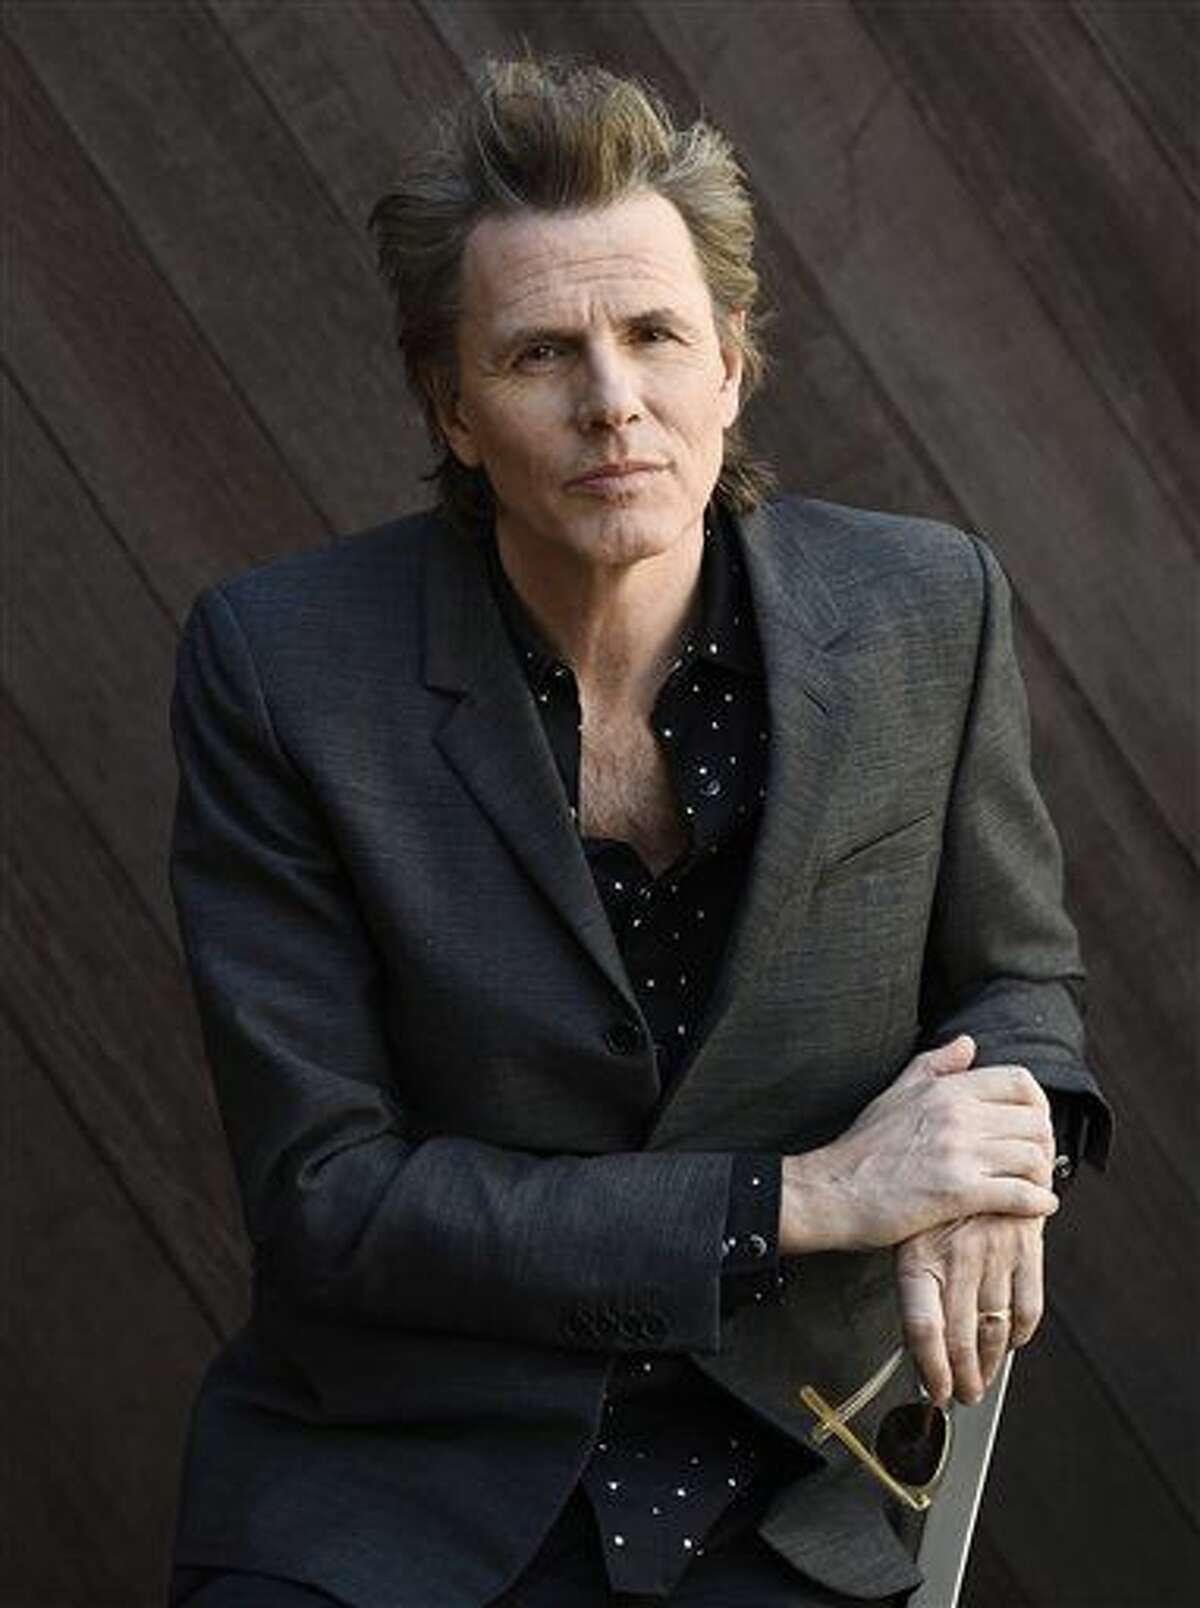 """En esta foto del 9 de febrero del 2016, John Taylor, bajista de la banda Duran Duran, posa para un retrato en las oficinas de Warner Bros. Records en Burbank, California. Taylor promocionaba la próxima gira de Duran Duran, """"Paper Gods Tour"""", que comienza el viernes 25 de marzo del 2016. (Foto por Chris Pizzello/Invision/AP)"""